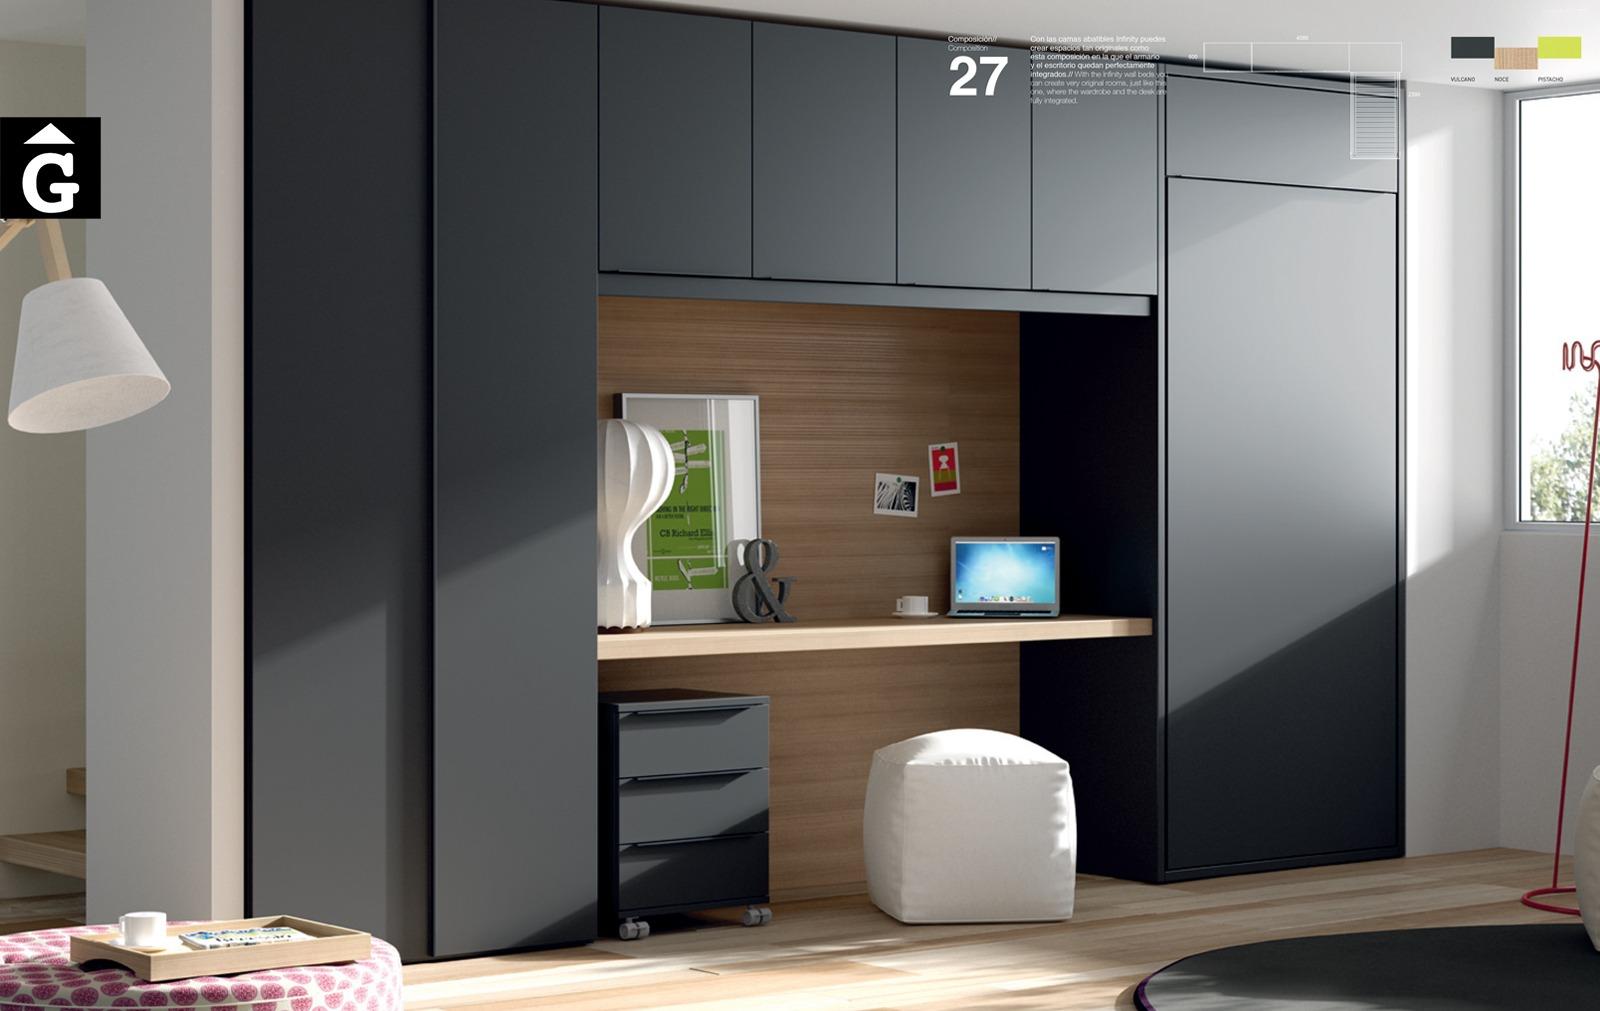 Llit abatible vertical vulcano-bedrooms-infinity-muebles-jjp-by-mobles-gifreu-llits-de-nado-infantil-juvenil-singel-disseny-actual-qualitat